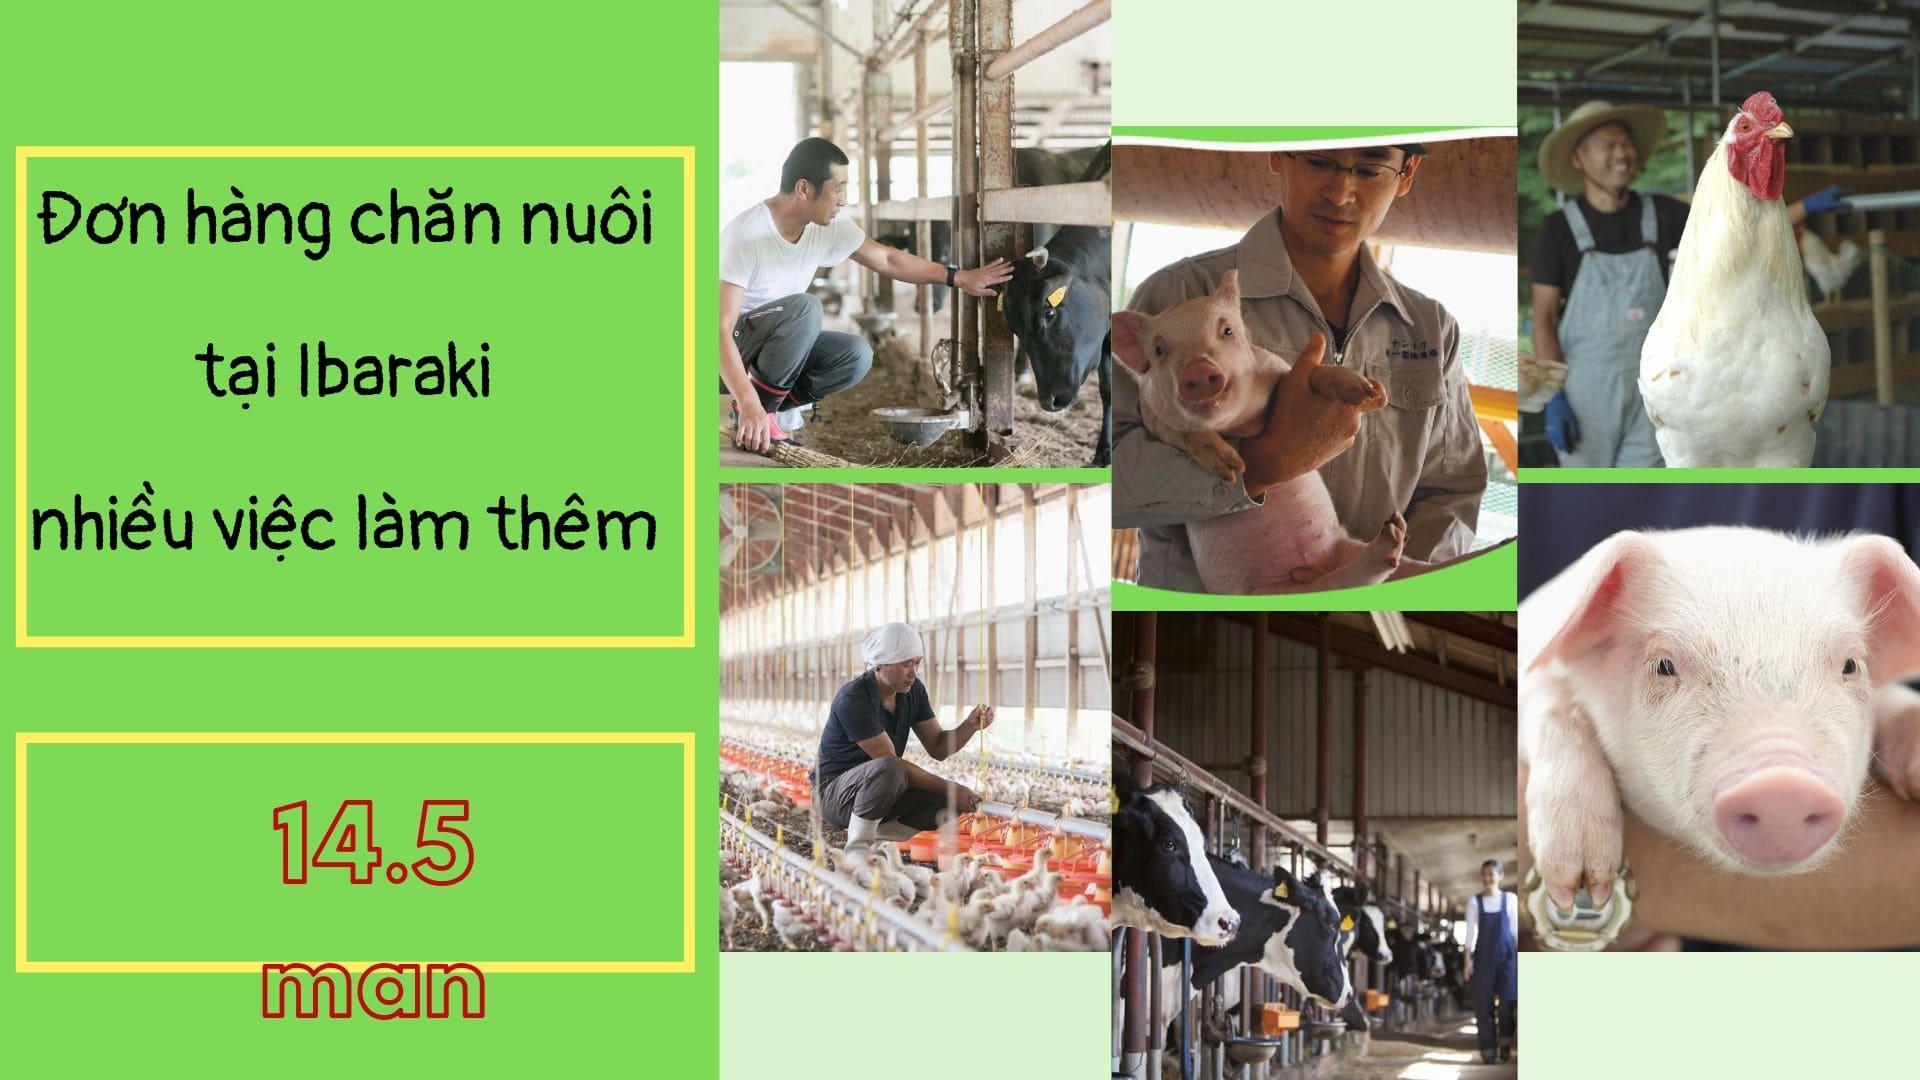 Đơn hàng nông nghiệp chăn nuôi Ibaraki rất nhiều việc làm thêm